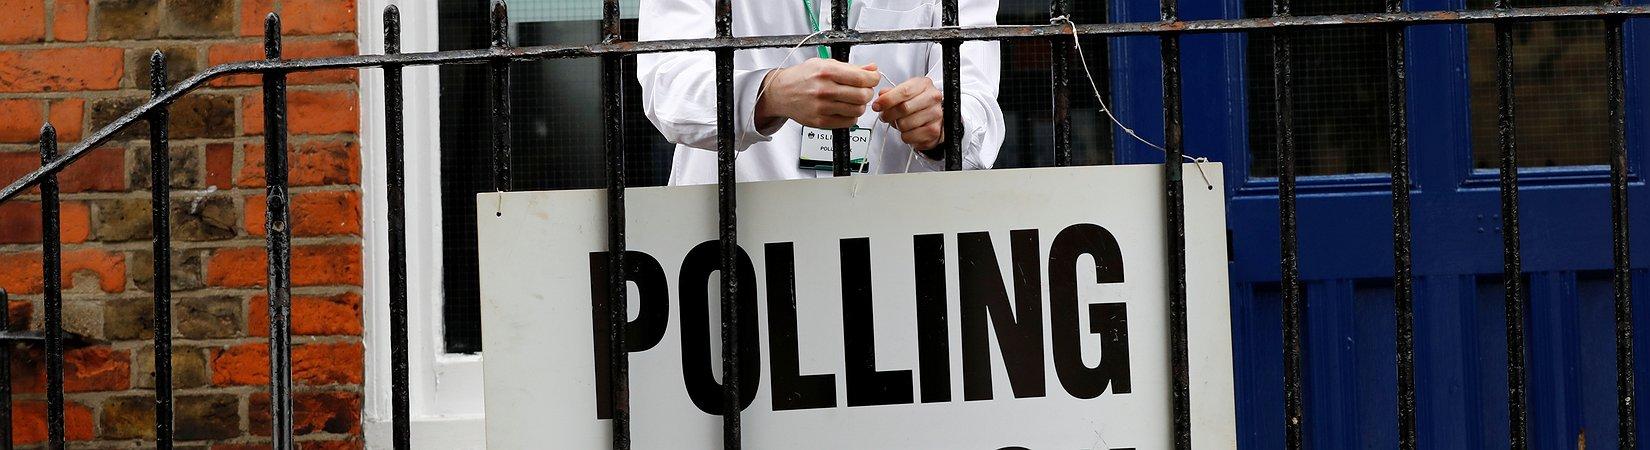 Reino Unido: últimas eleições antes do Brexit